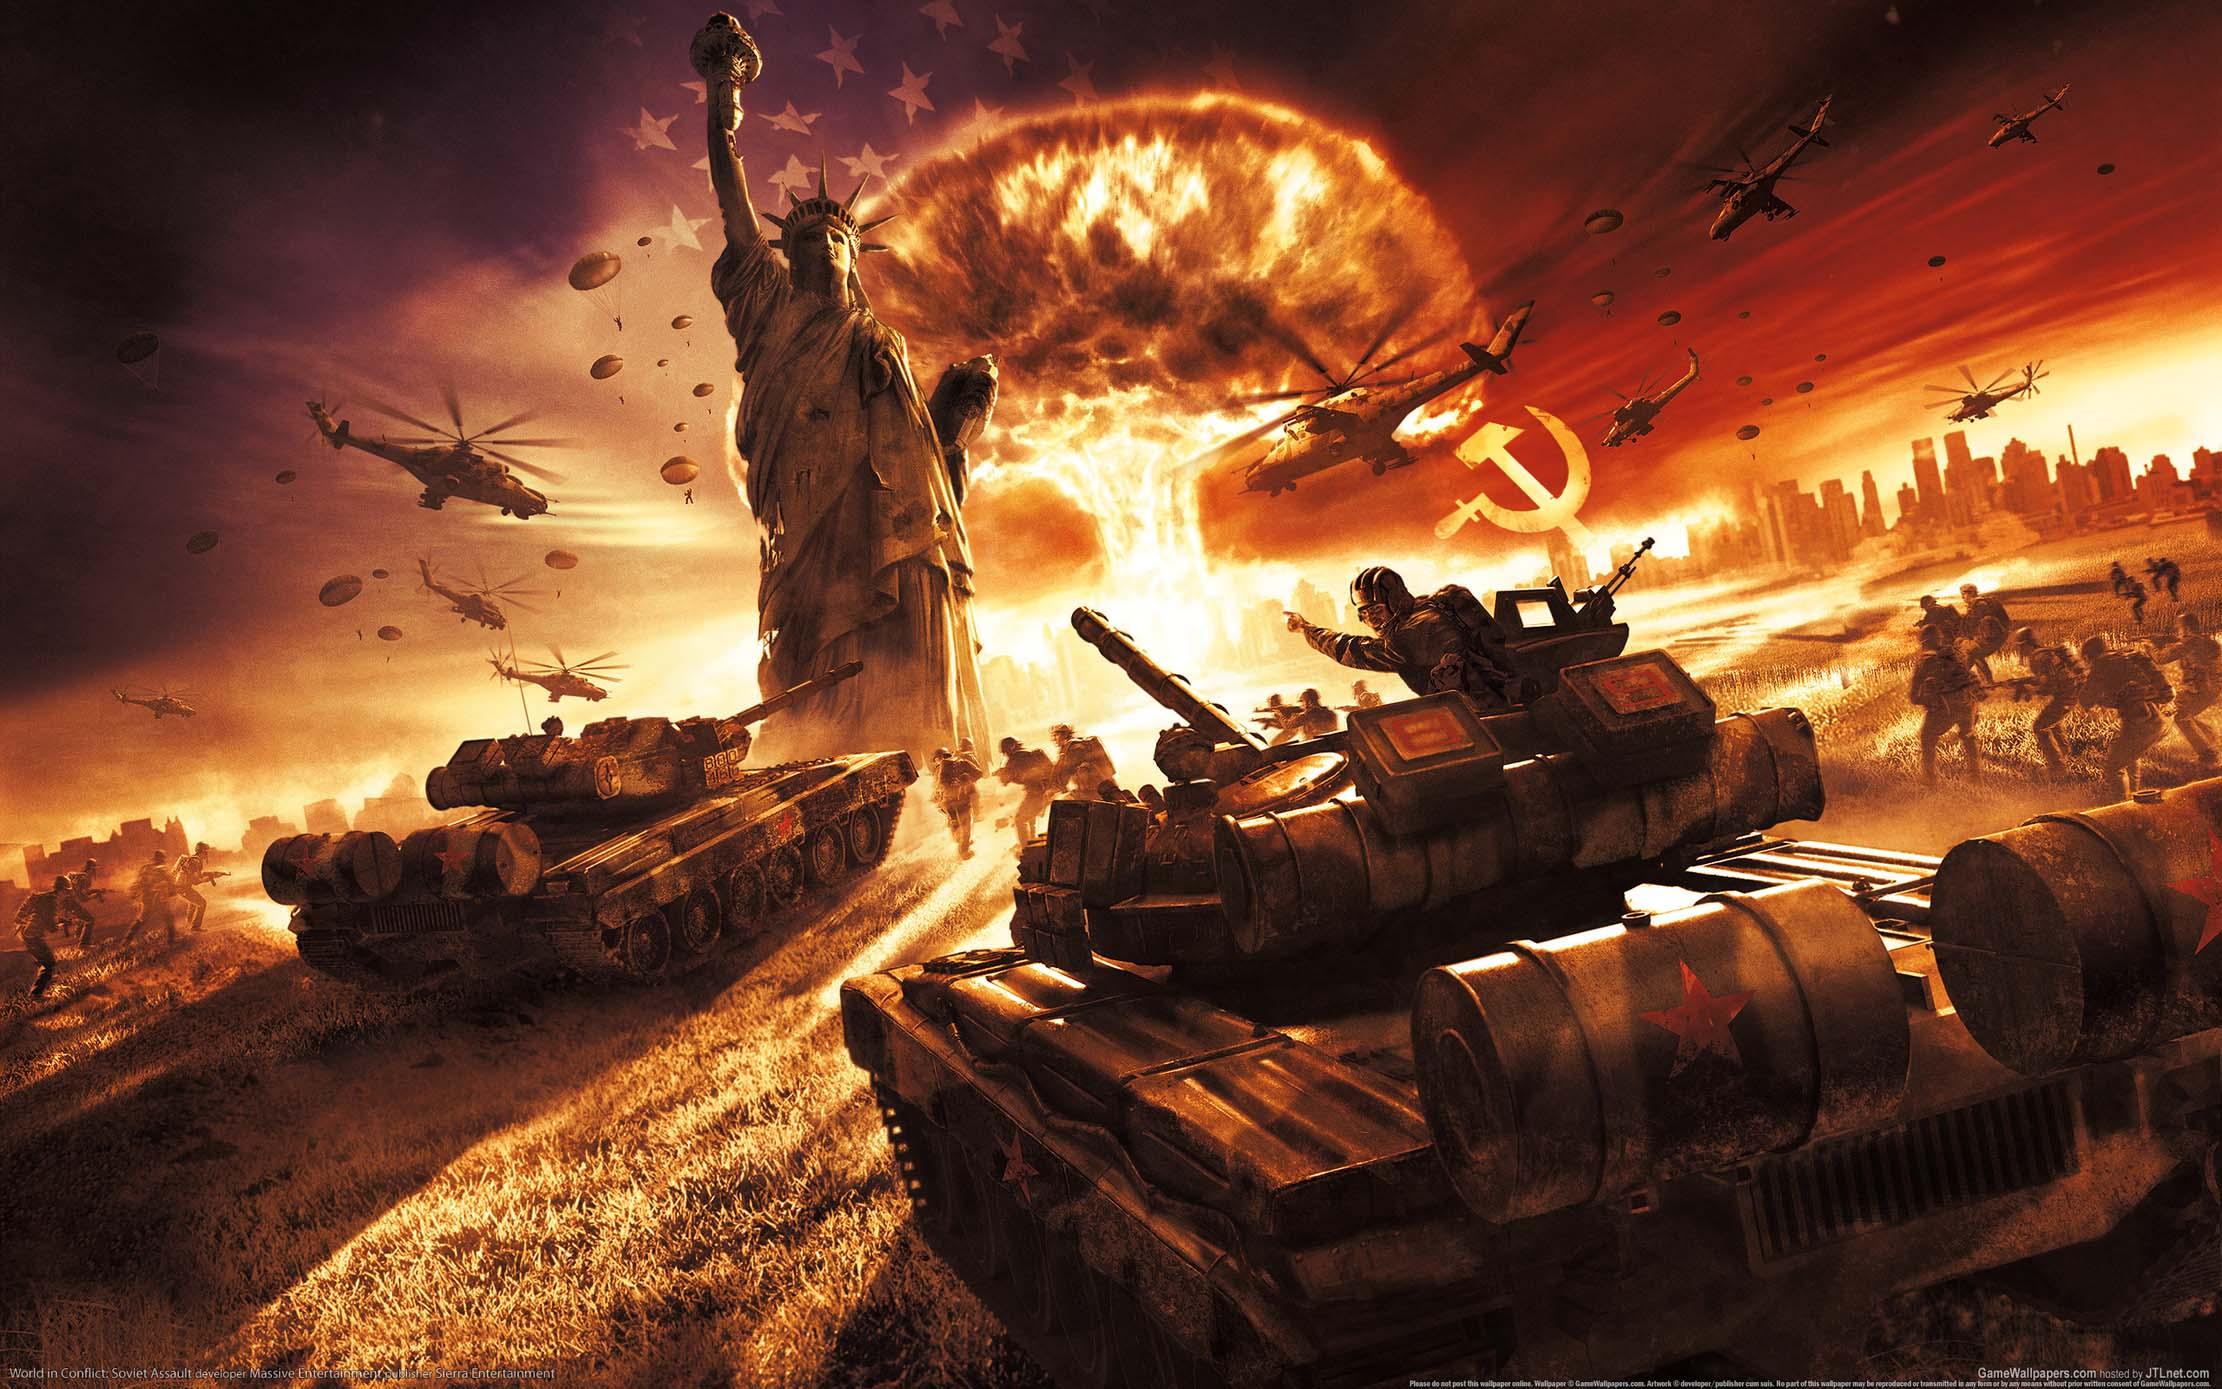 Treći svjetski rat: Najteži scenarij kojeg realpolitika ne isključuje